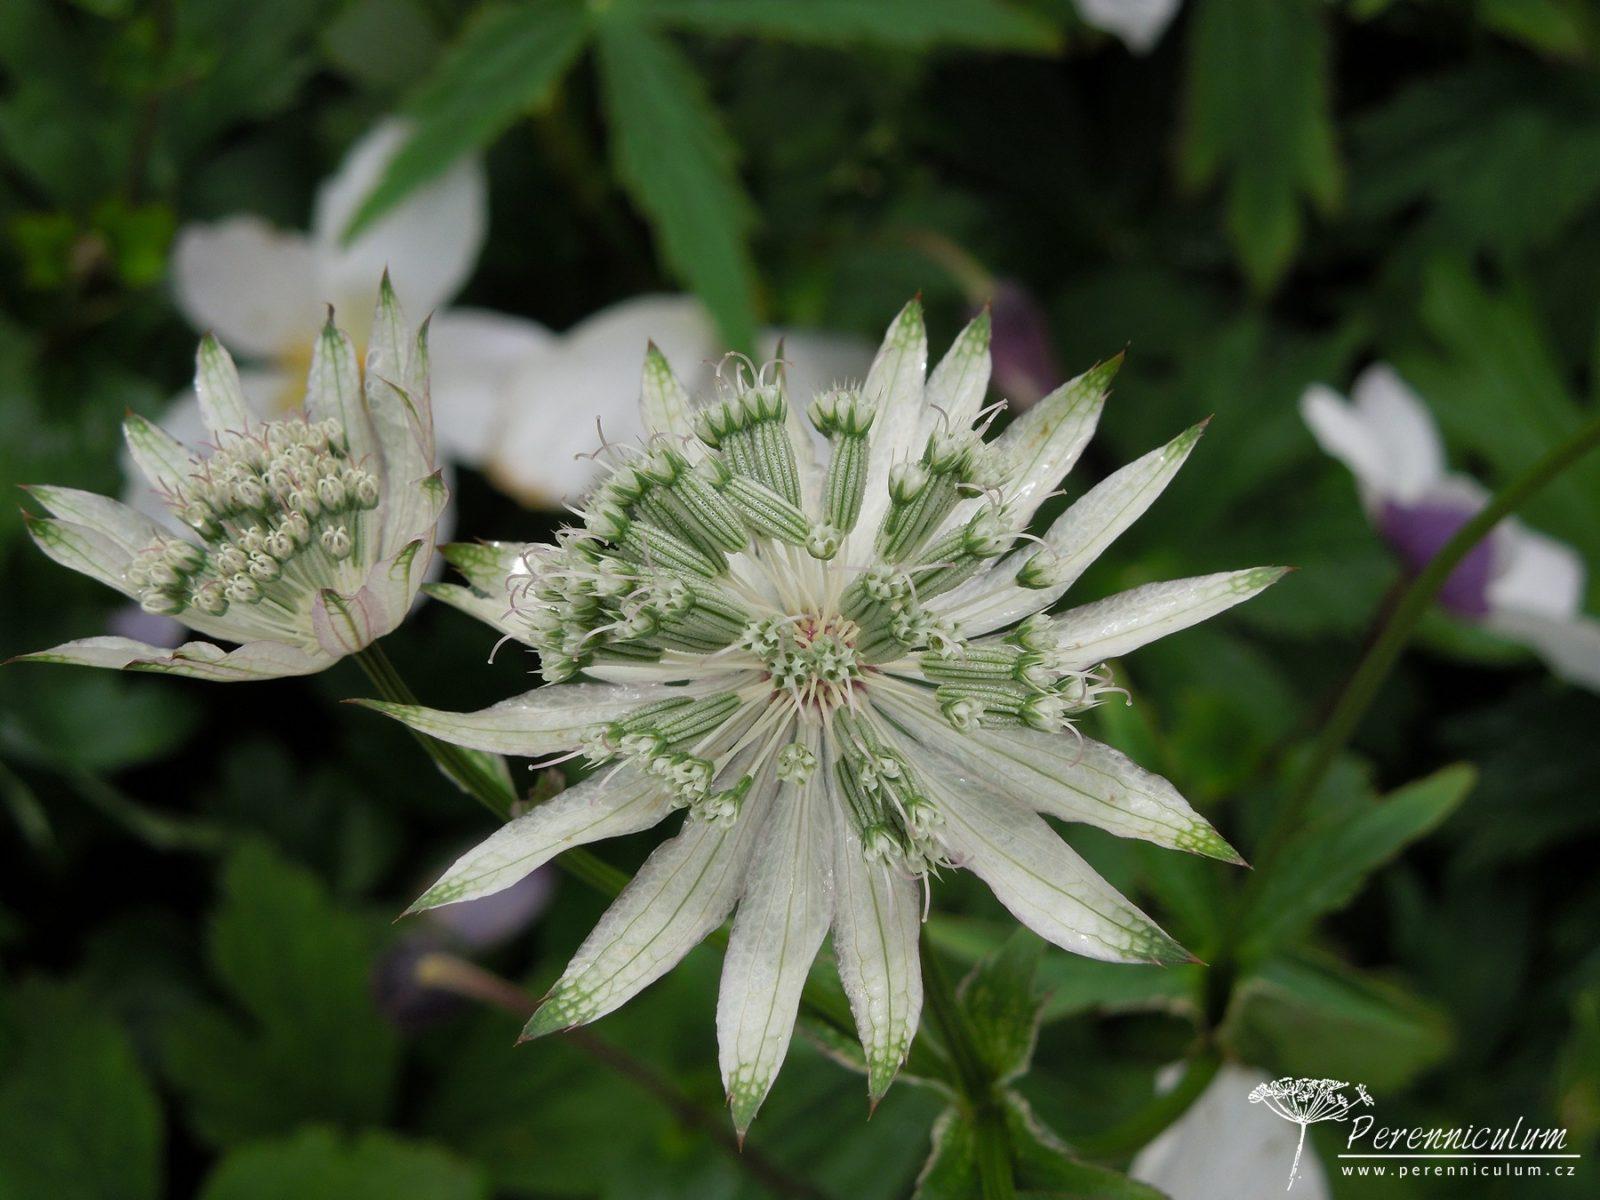 Velké bílé listeny se zelenými špičkami jsou stále nápadné, i když už rostlina začíná tvořit semena. Bíle kvetoucí <em>Astrantia</em> 'White Giant'.